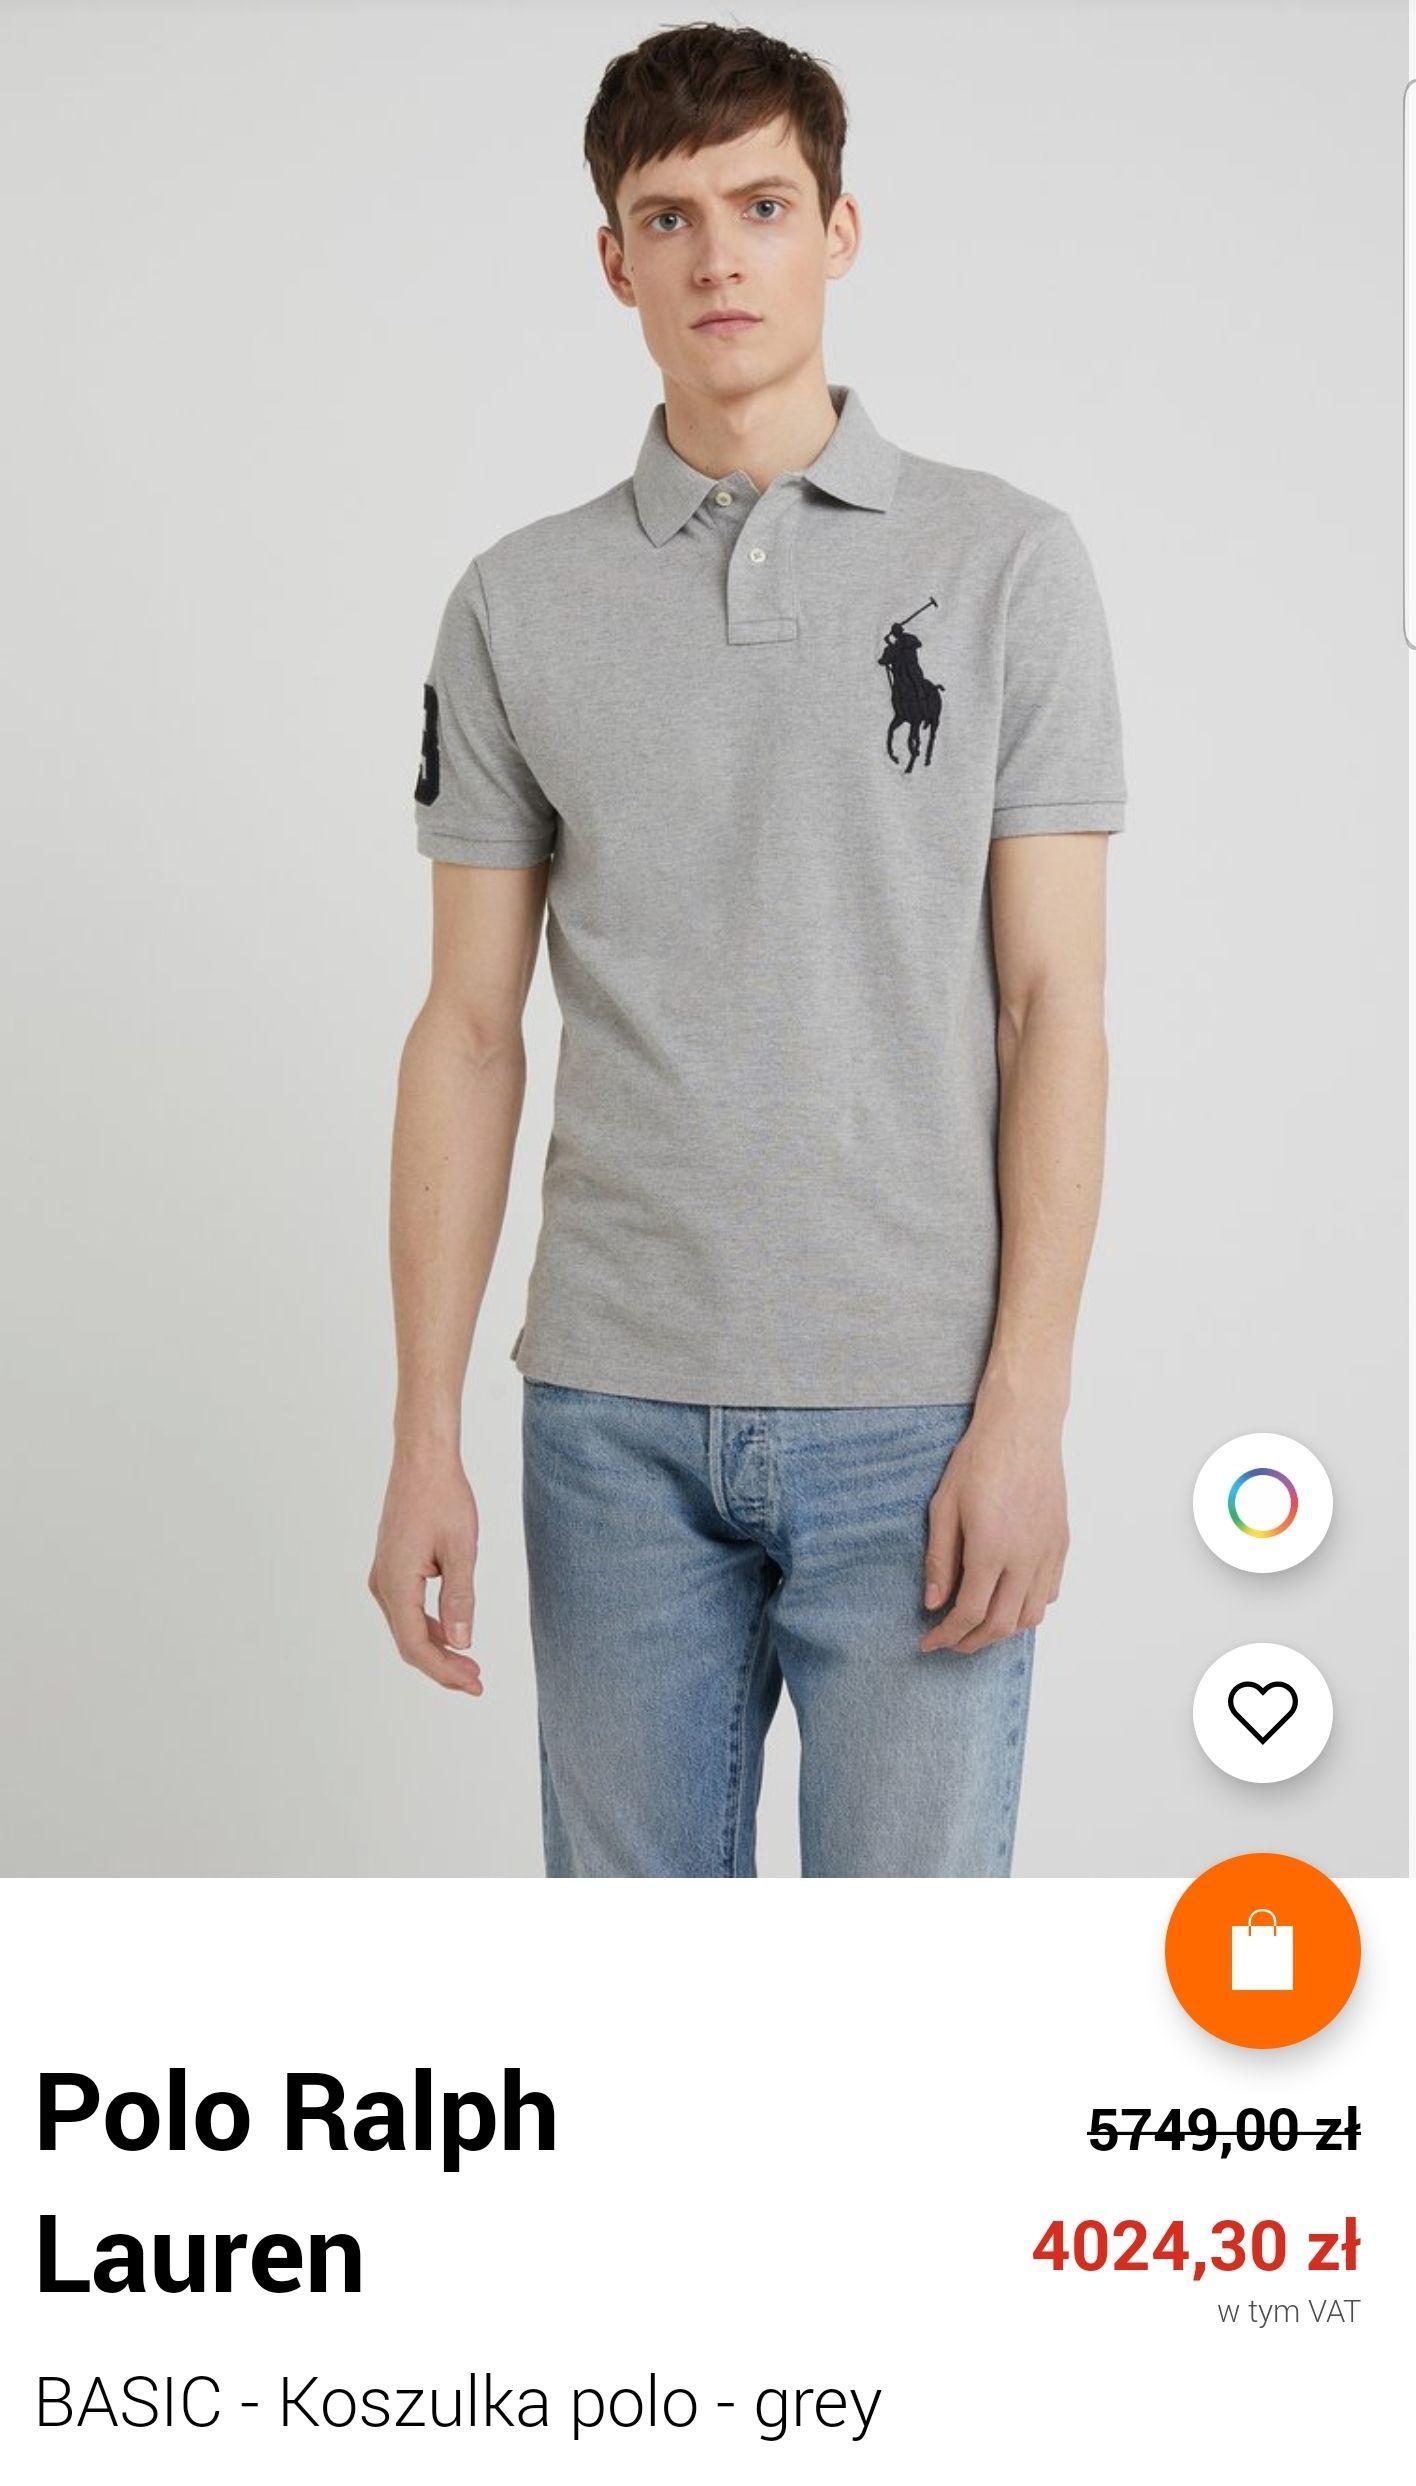 Polo Ralph Lauren-BASIC - Koszulka polo - grey.  Zalando